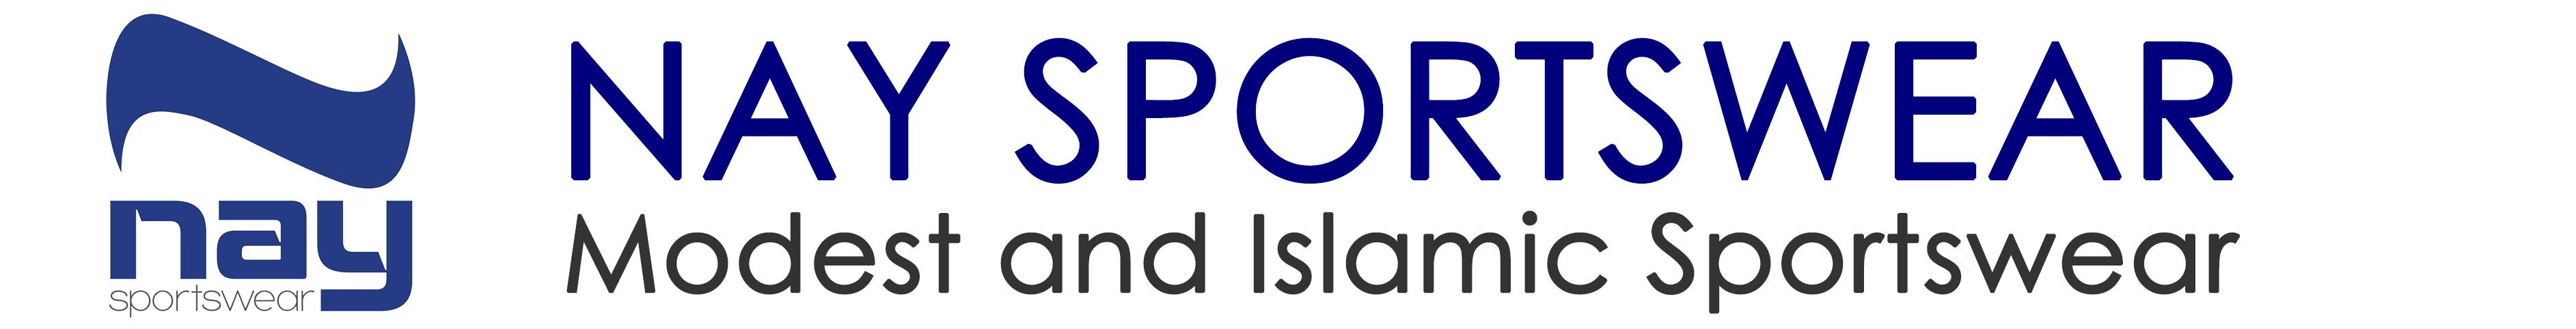 NAY SPORTSWEAR logo